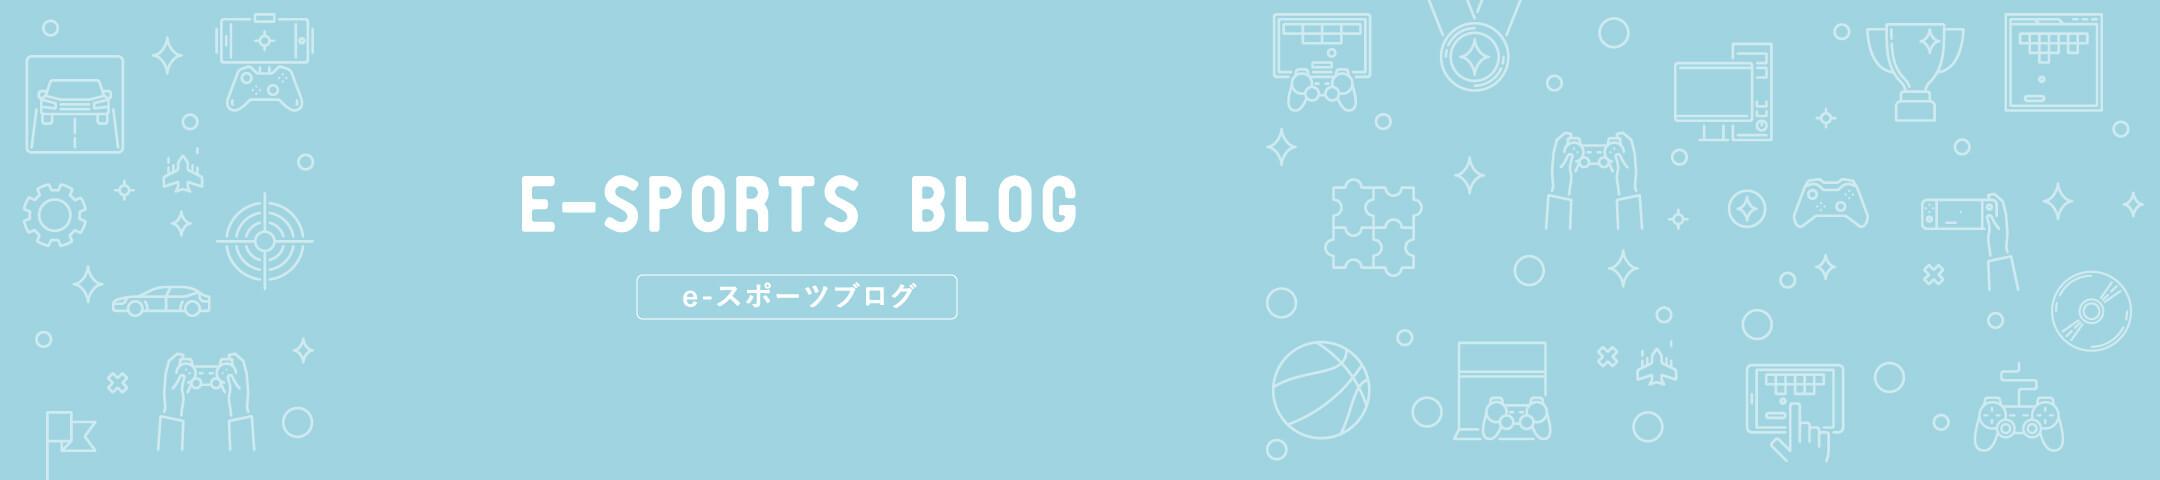 お母さん株式会社 e-sportsブログ